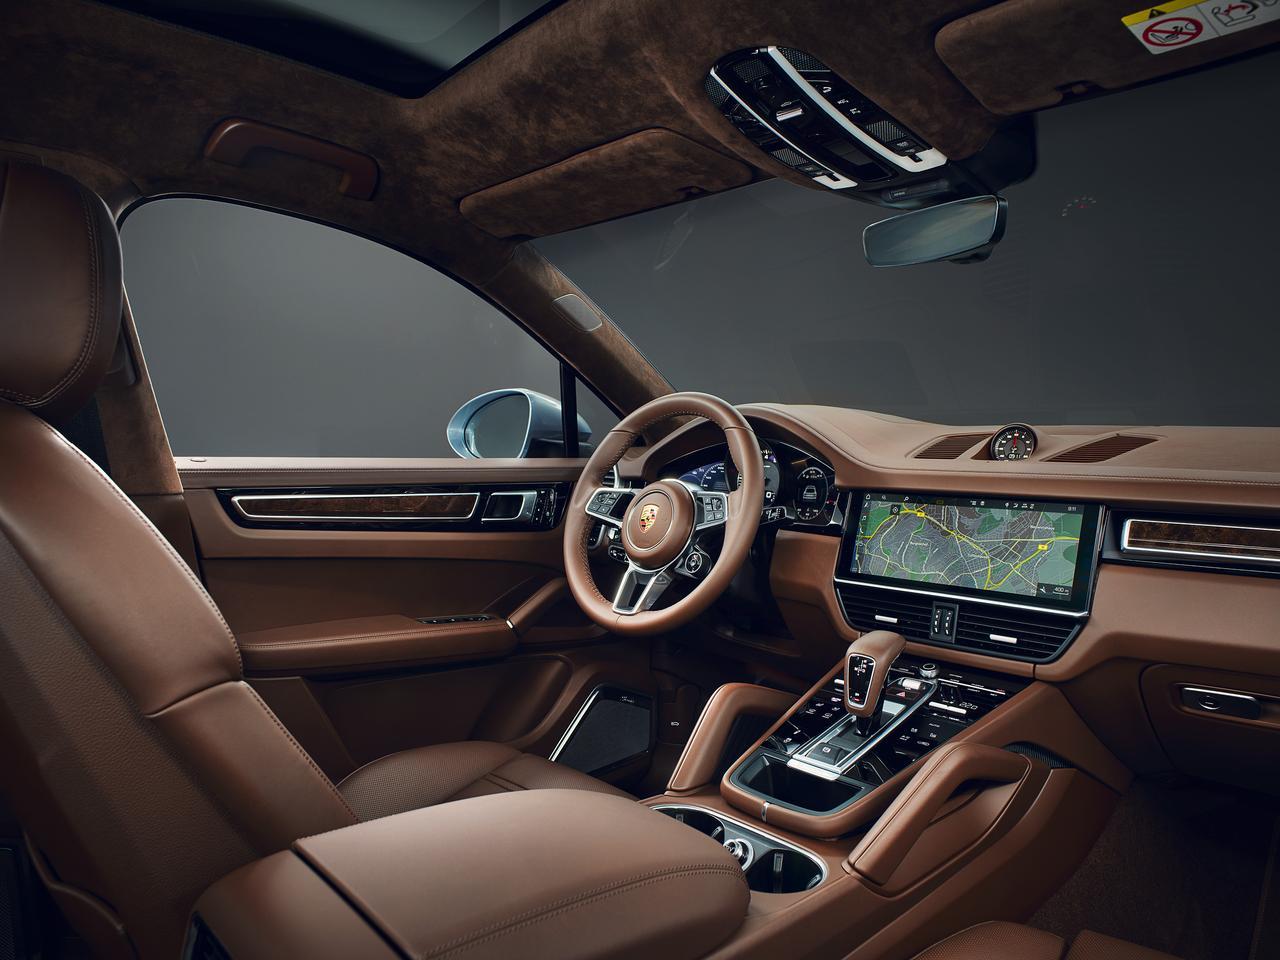 Images : 8番目の画像 - 「ポルシェ カイエンSクーペは、440psを発生する2.9L V6ターボ搭載。車両価格は1408万円で予約開始」のアルバム - Webモーターマガジン